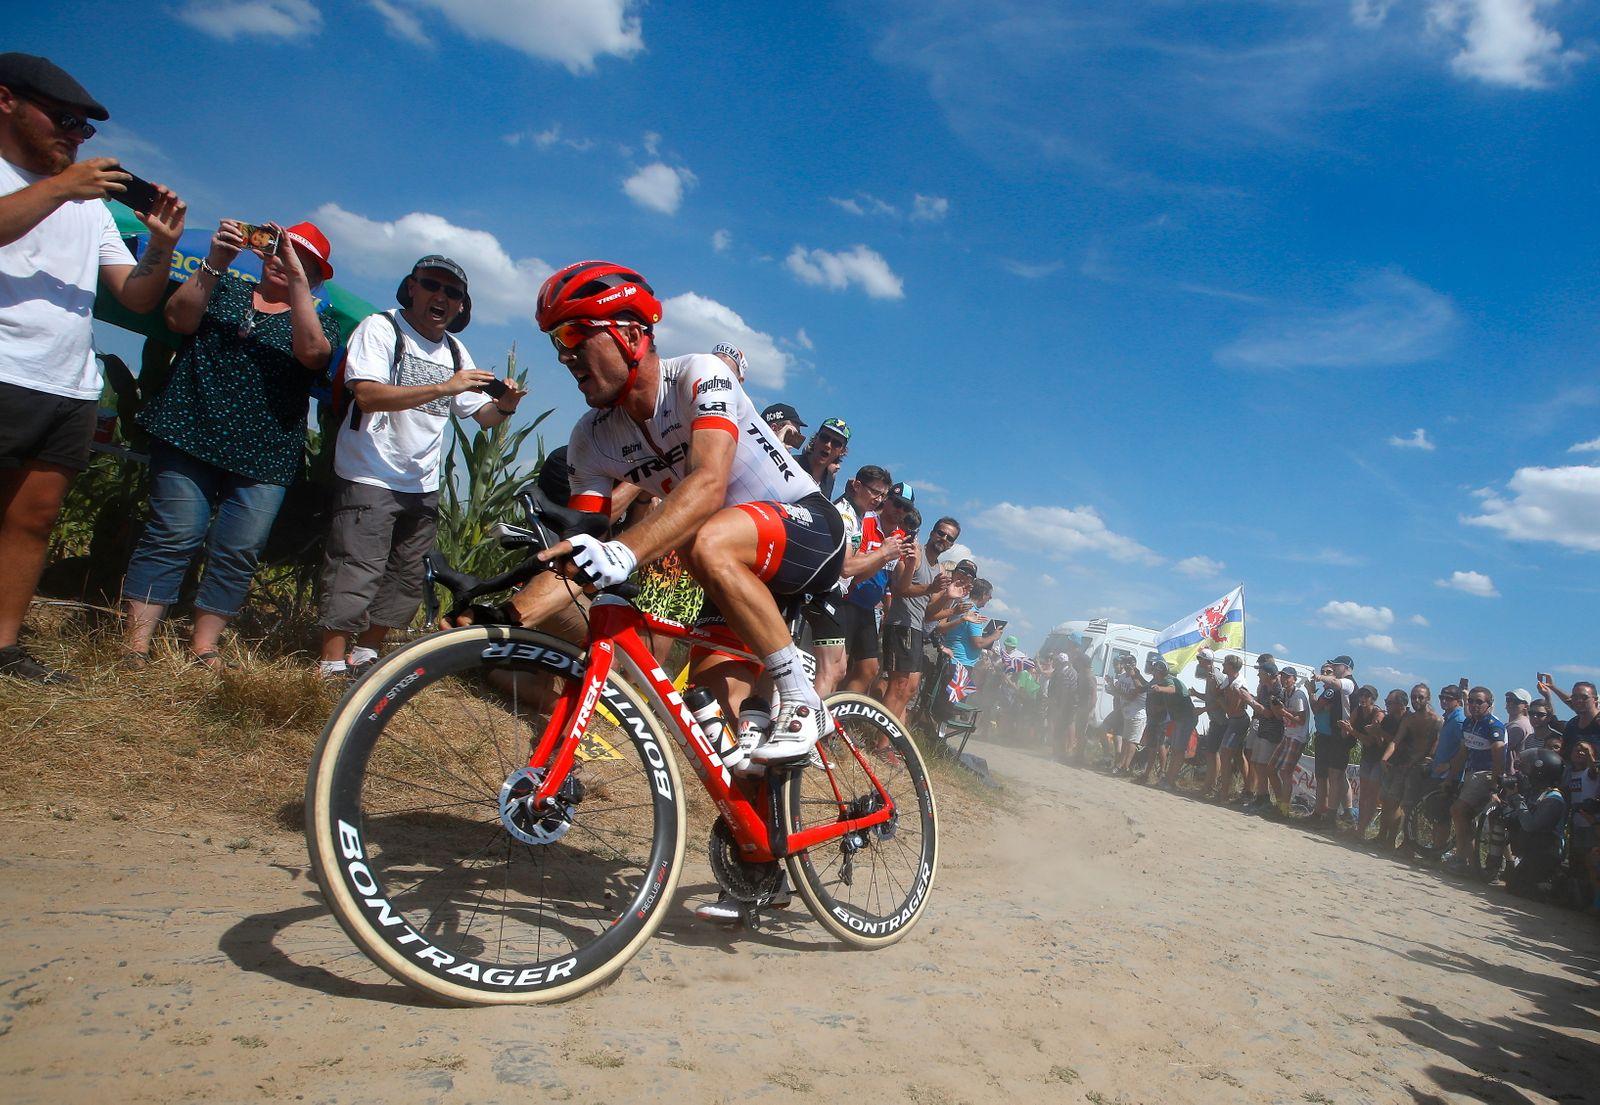 Tour de France 2018 - 9th stage